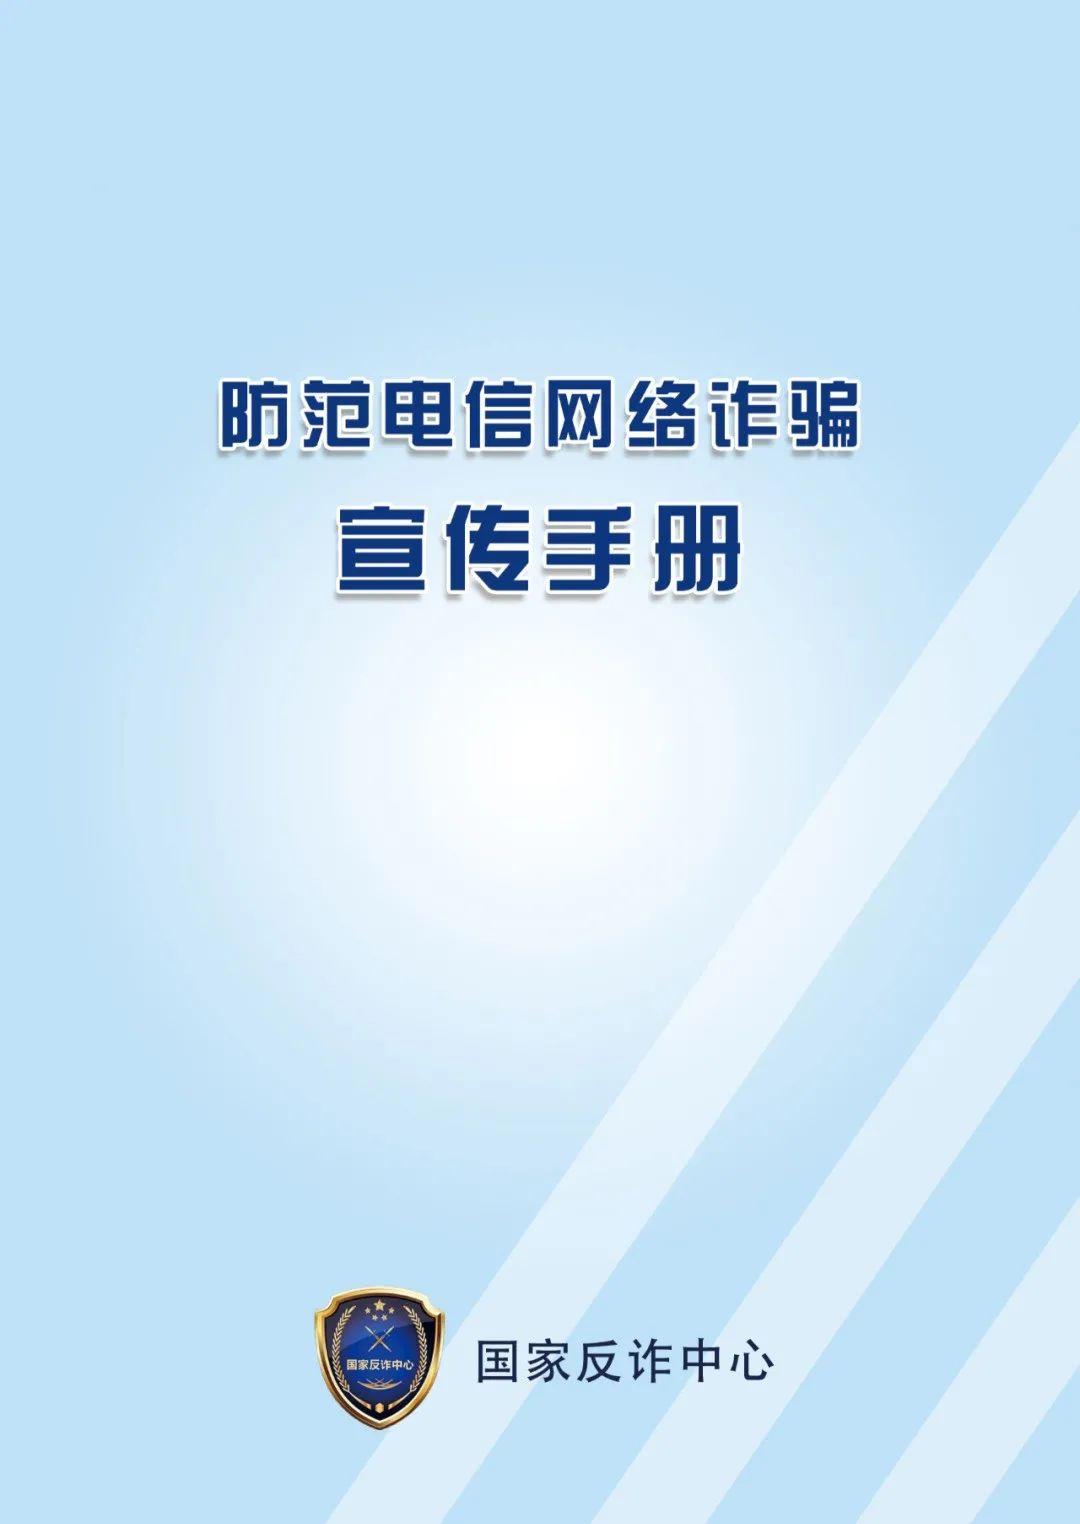 【主题教育】死磕诈骗,守护安全!就用《防范电信网络诈骗宣传手册》